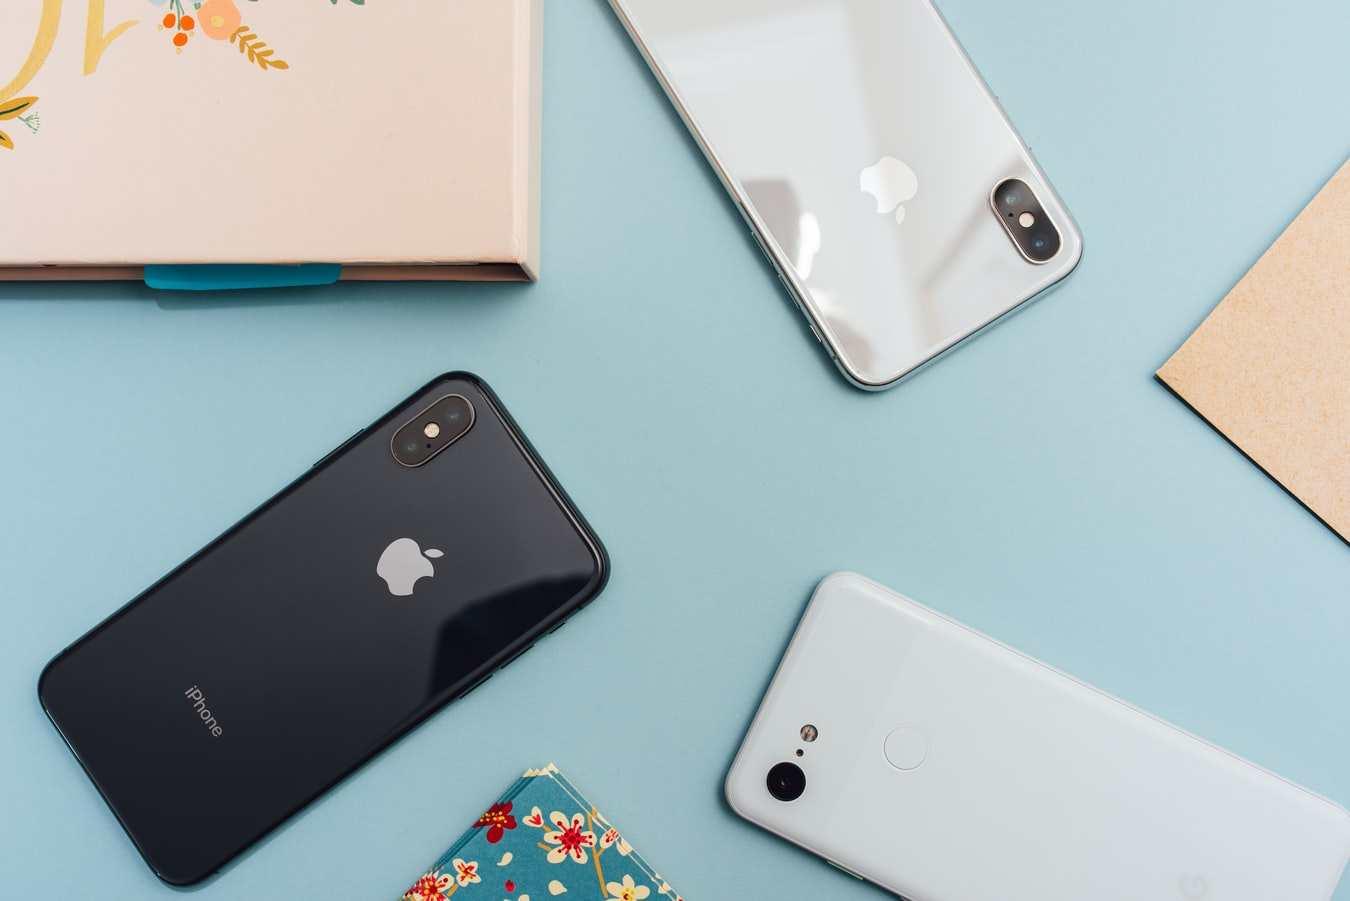 8亿年终奖、万亿市值、高额苹果税,苹果咋变成最讨厌的样子?